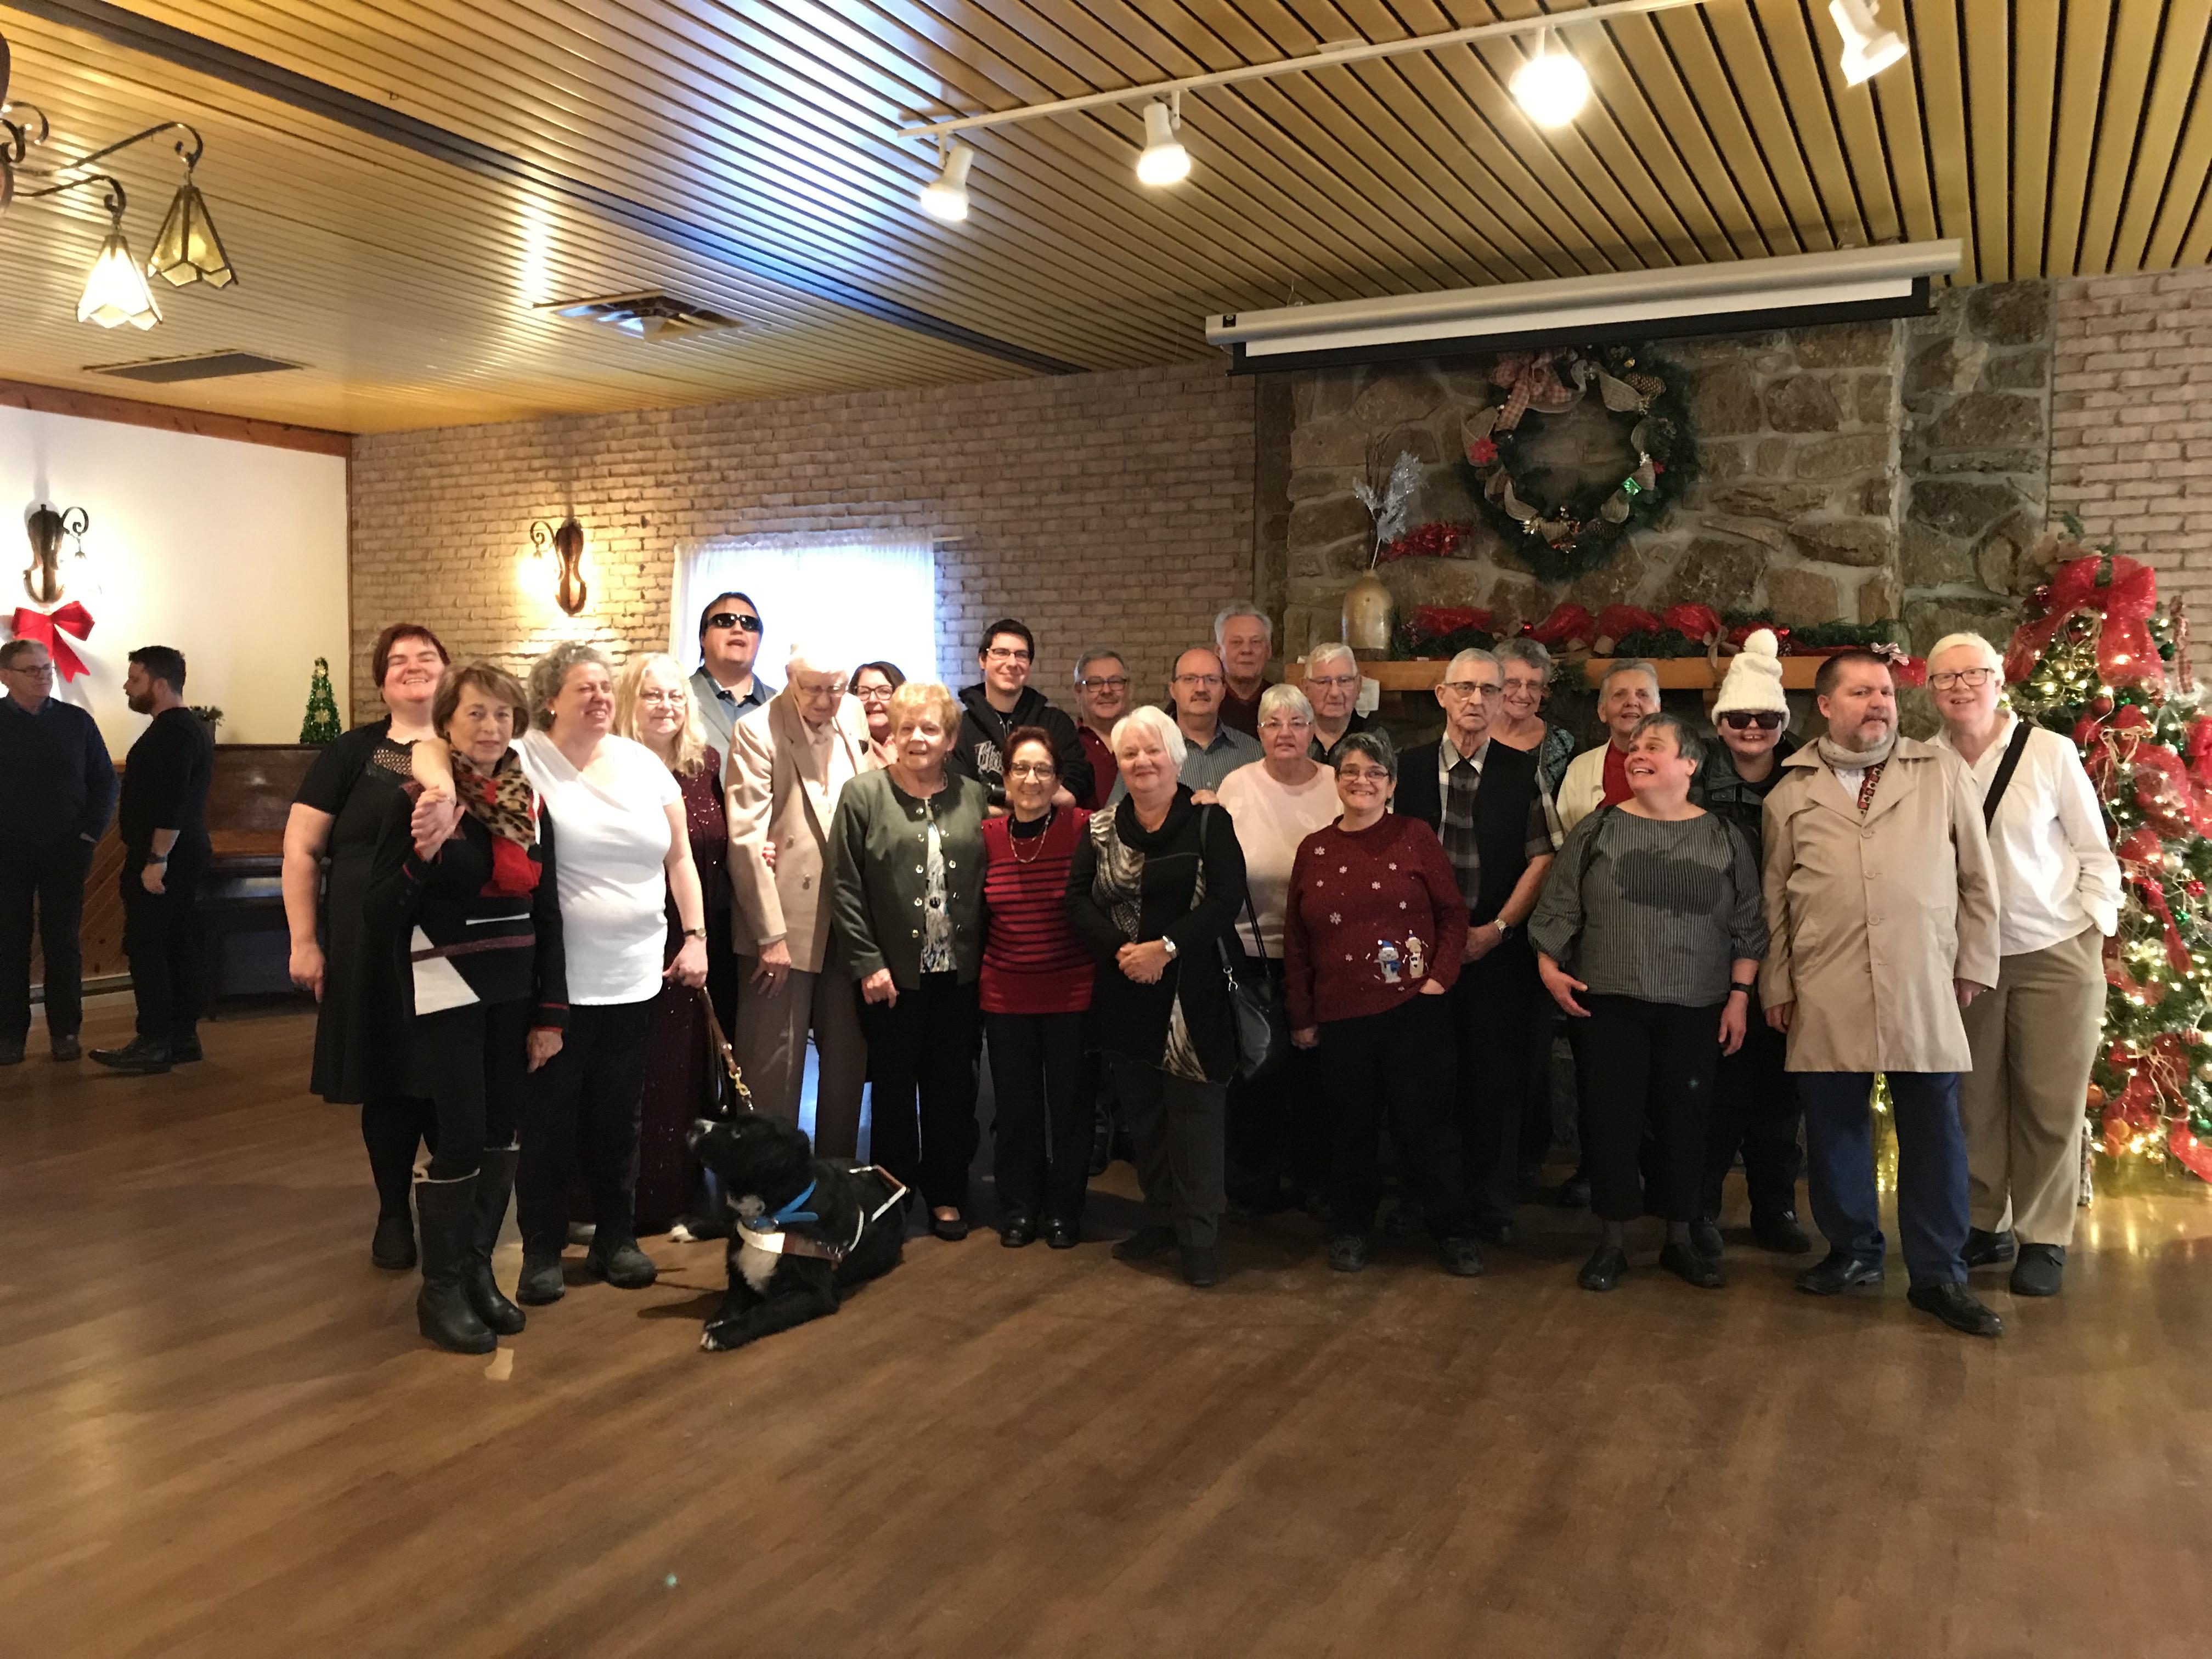 Groupe qui a participé au dîner de Noël qui a eu lieu le 9 décembre 2018 au Chalet du ruisseau situé à Mirabel.